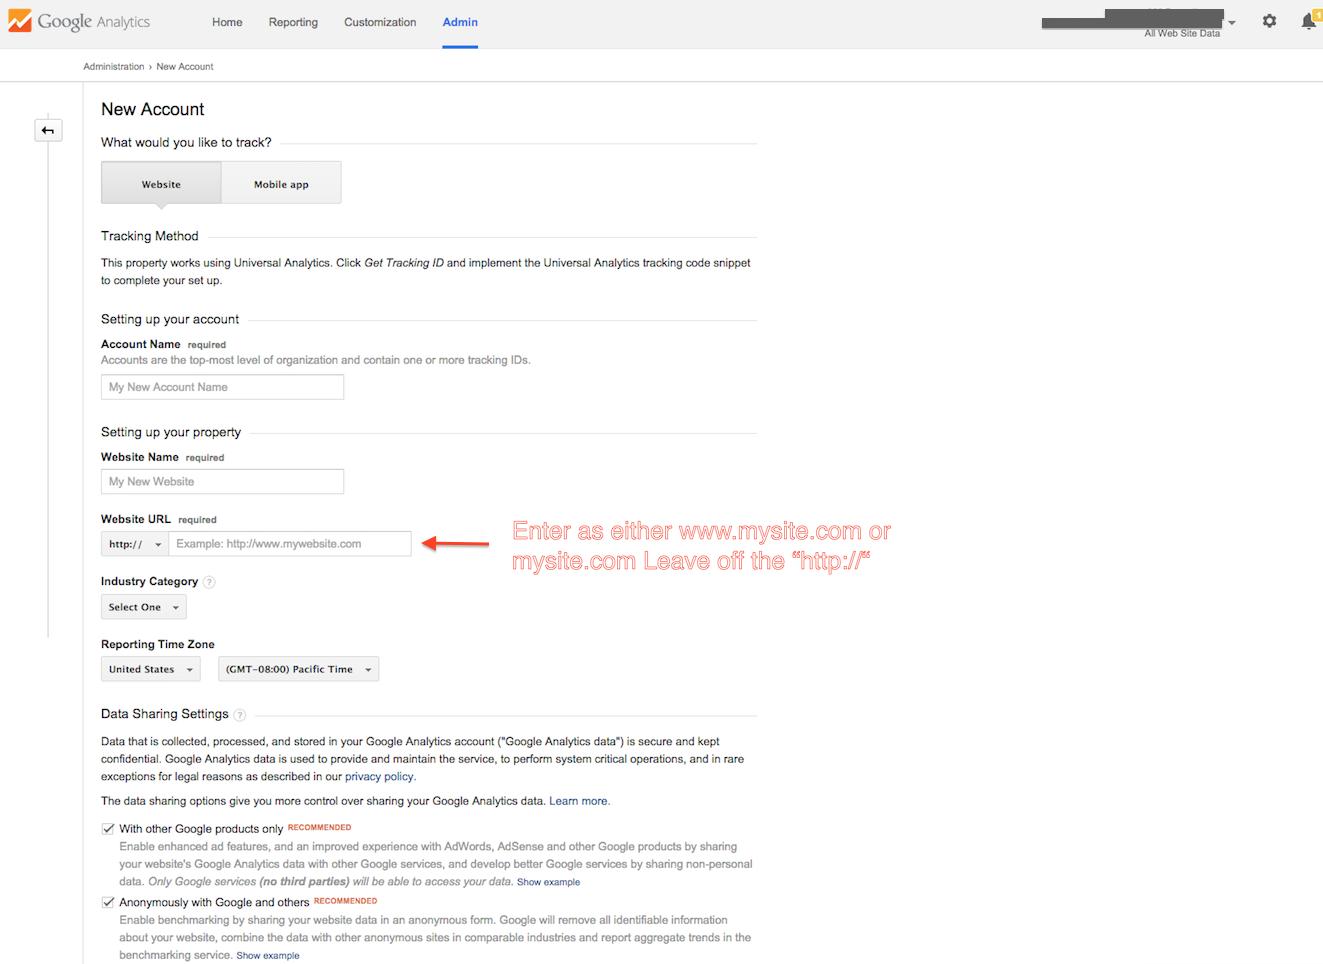 google analytics new account setup screen